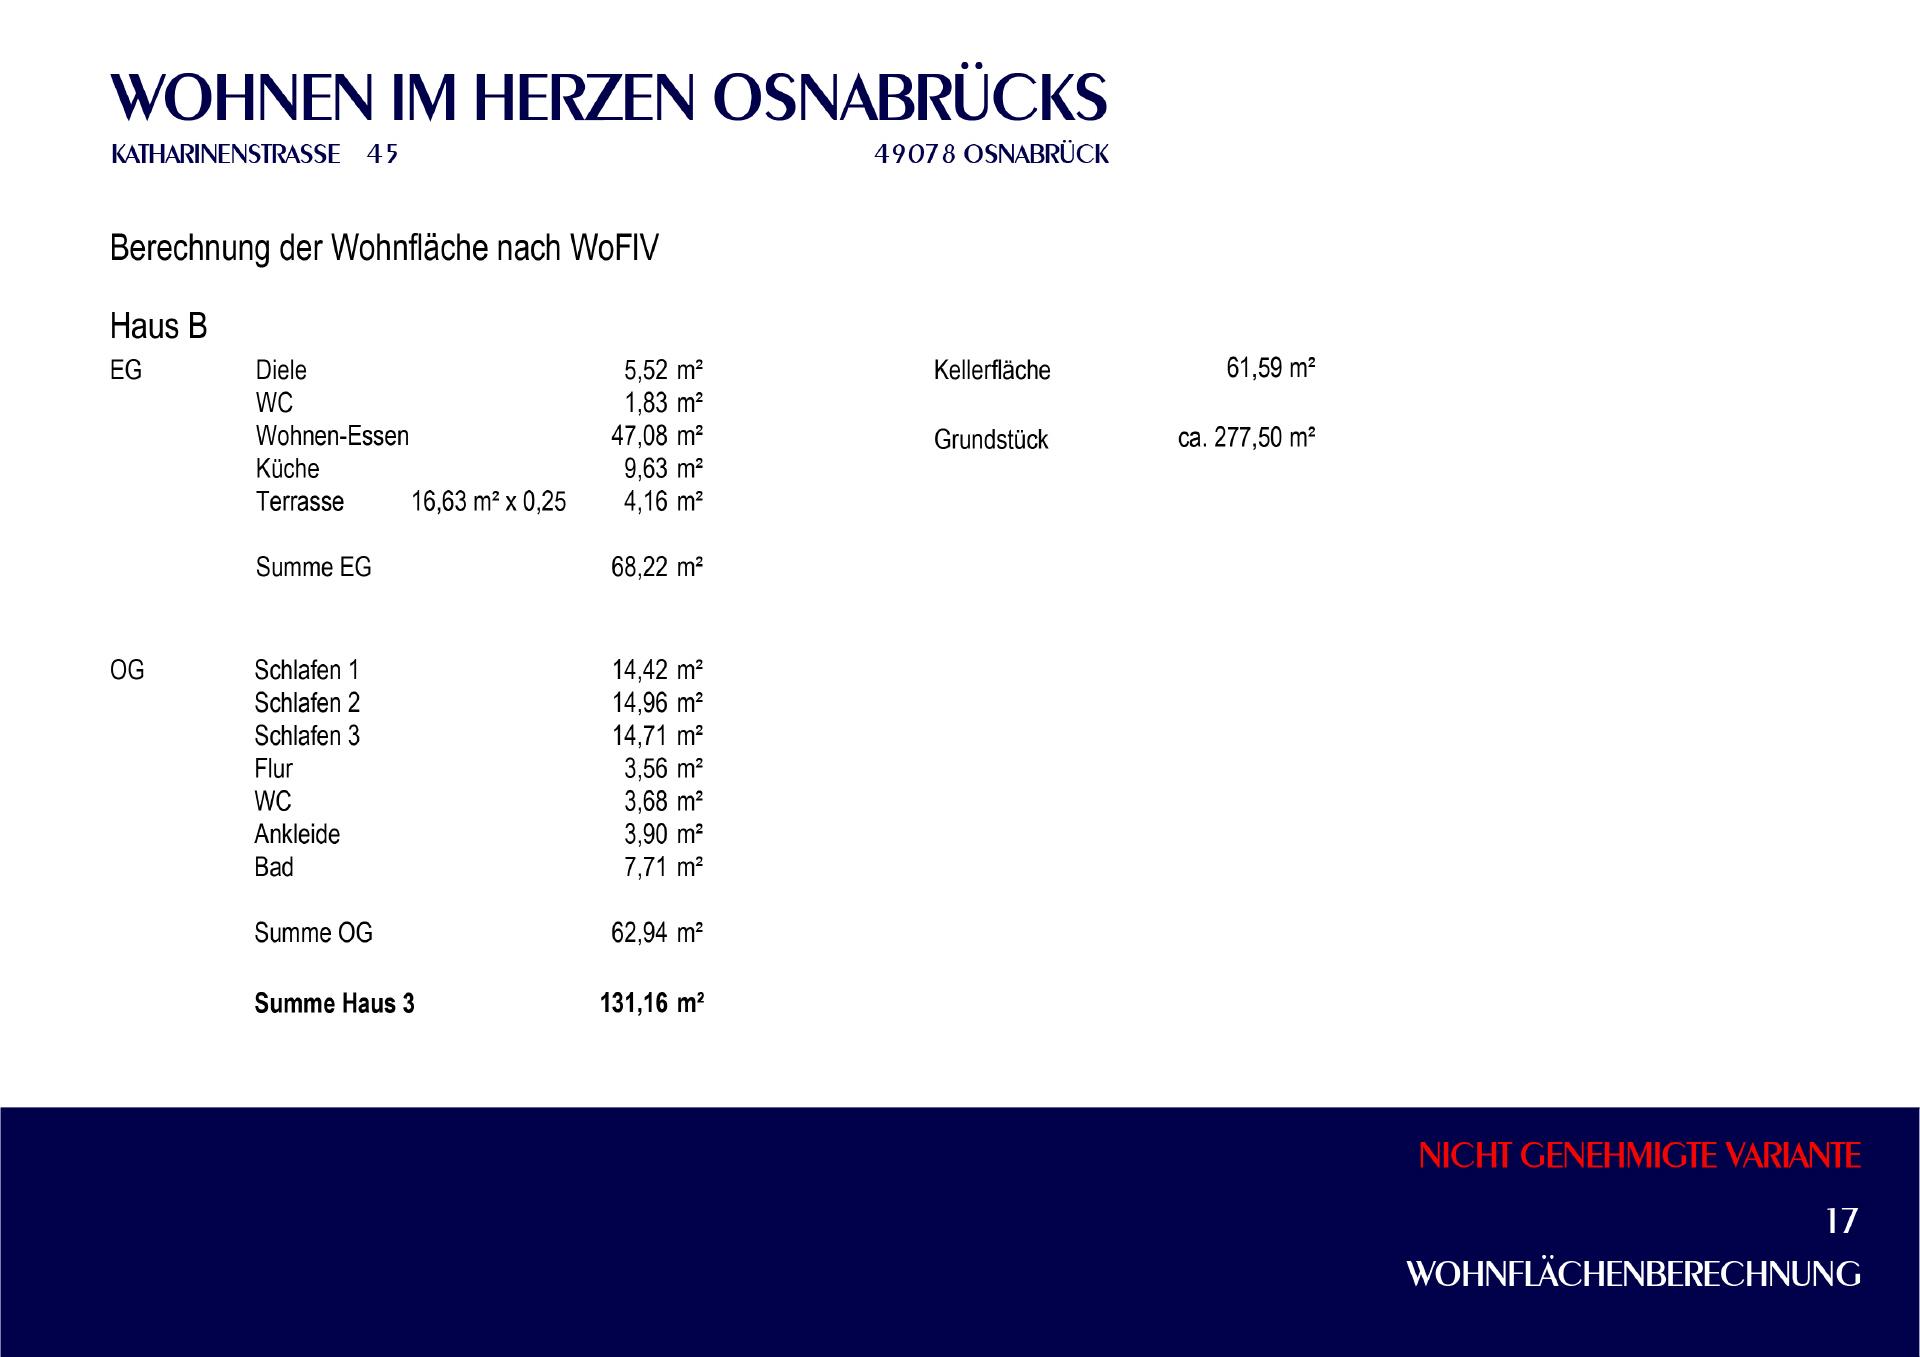 Fesselnd Berechnung Wohnfläche Bnbnews.co